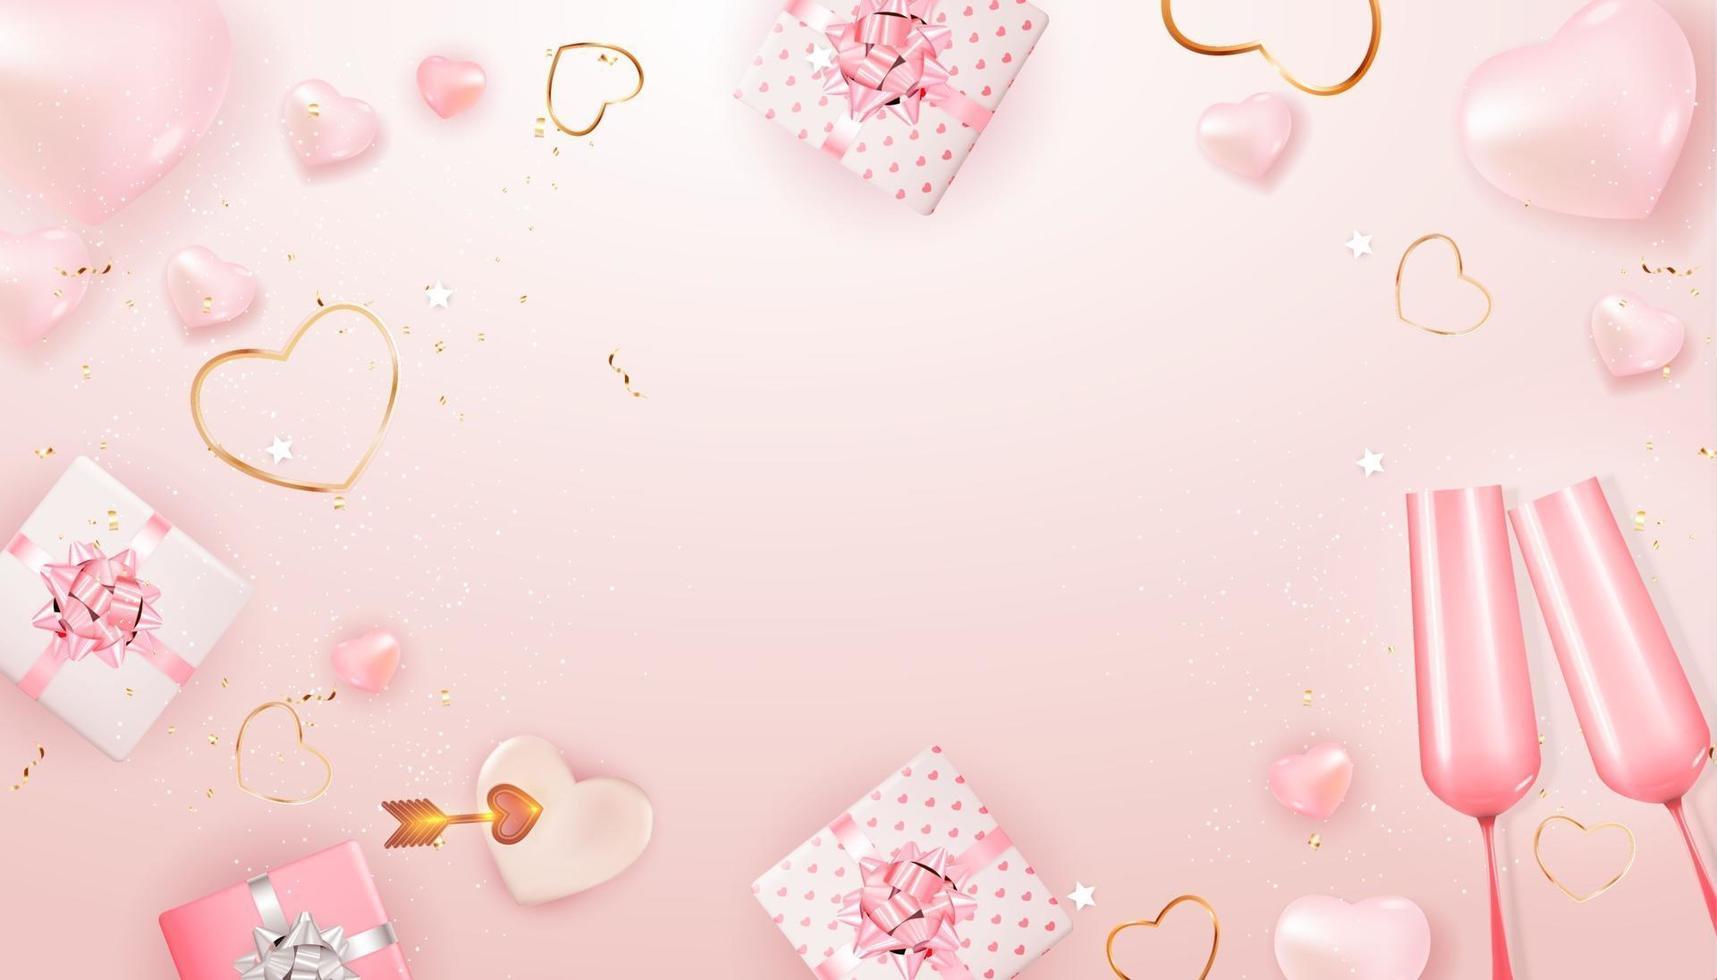 copia spazio San Valentino vacanza regalo carta modello sfondo rosa vettore